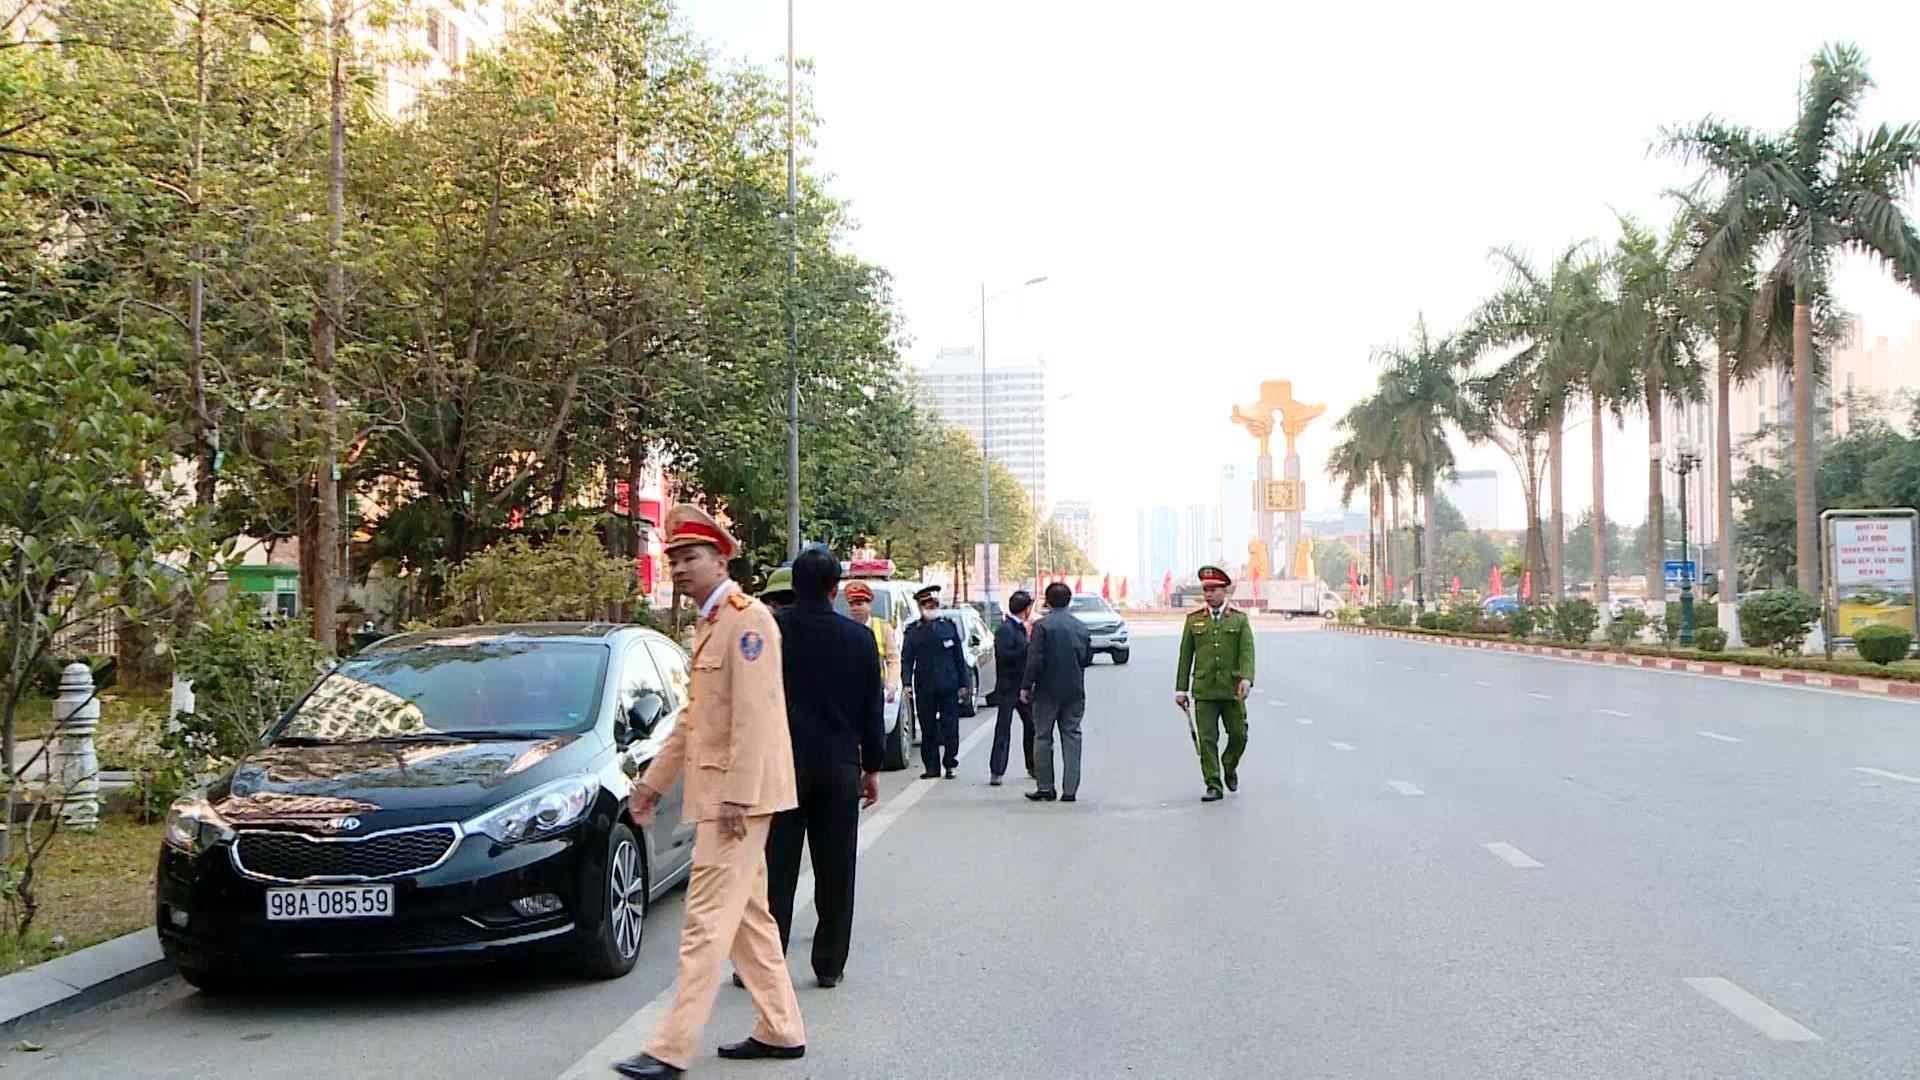 Thành phố Bắc Ninh ra quân cao điểm  xử lý phương tiện vi phạm đỗ, dừng sai quy định